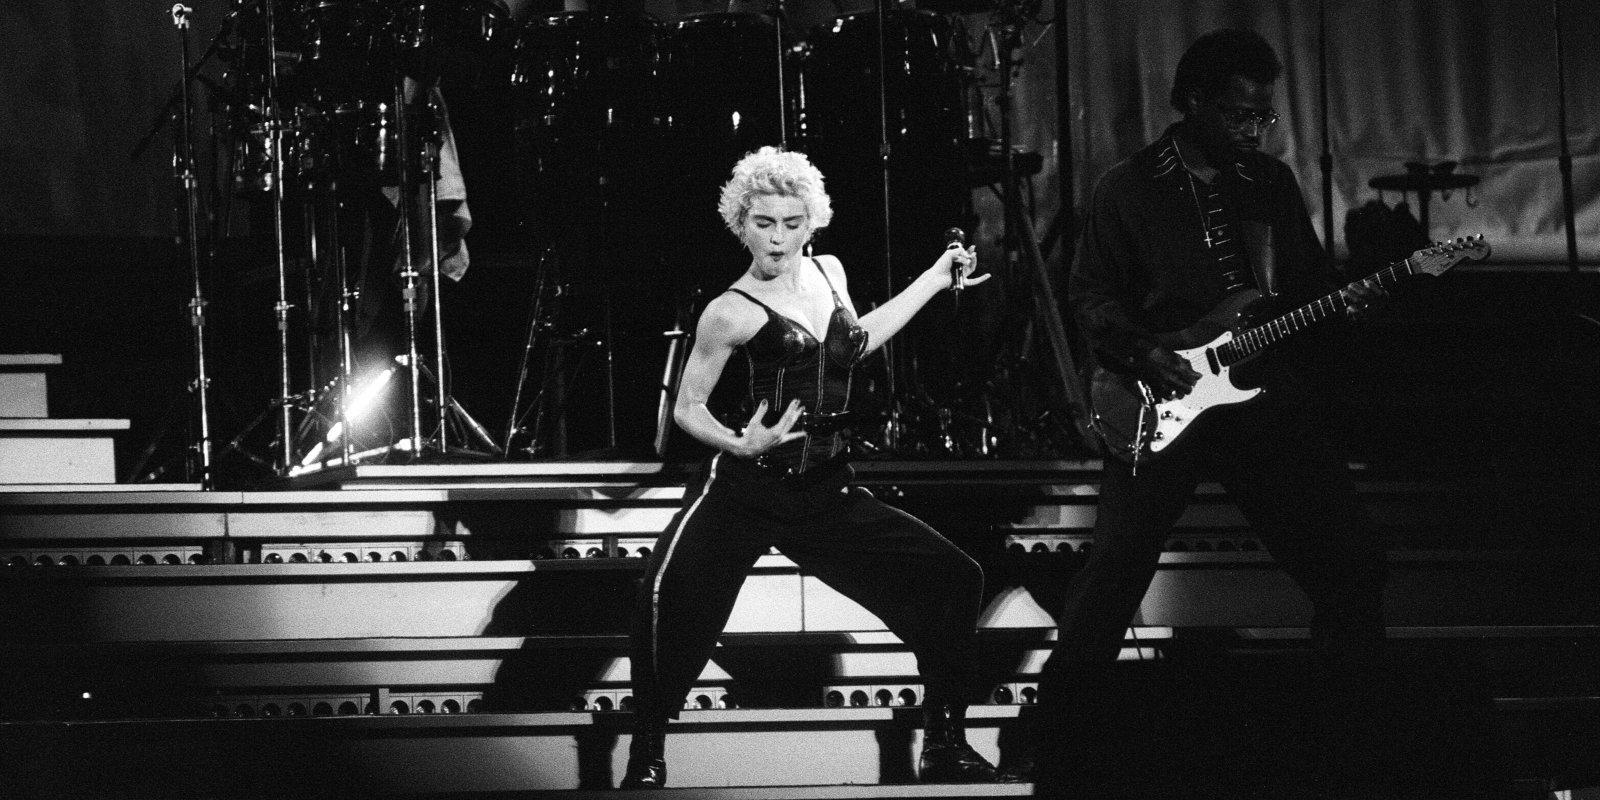 Madonna pati režisēs filmu par savas dzīves līkločiem